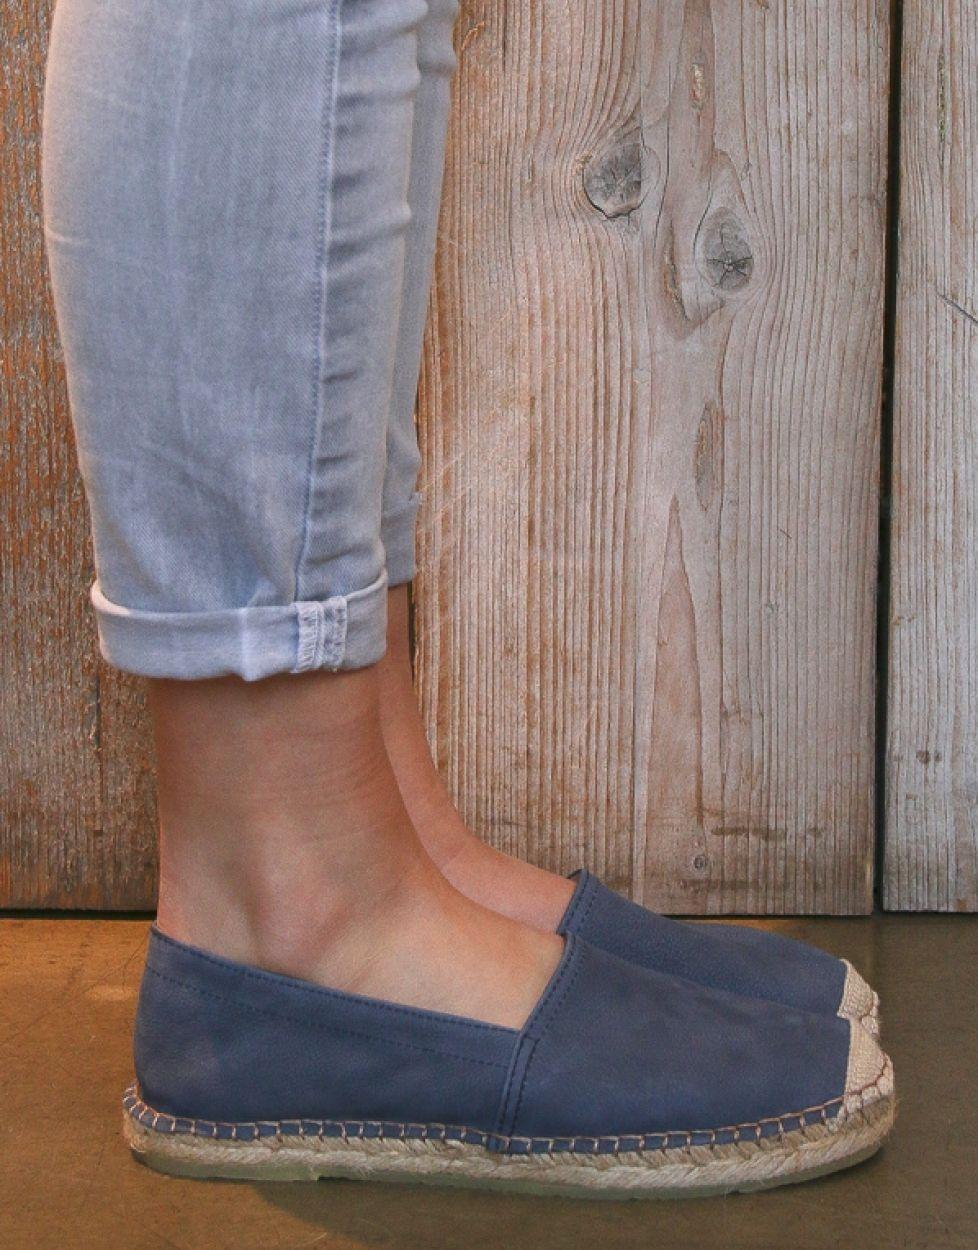 Blue Espadrille Fred De La Bretoniere Moscow Online Store Blue Espadrilles Espadrilles Women Shoes